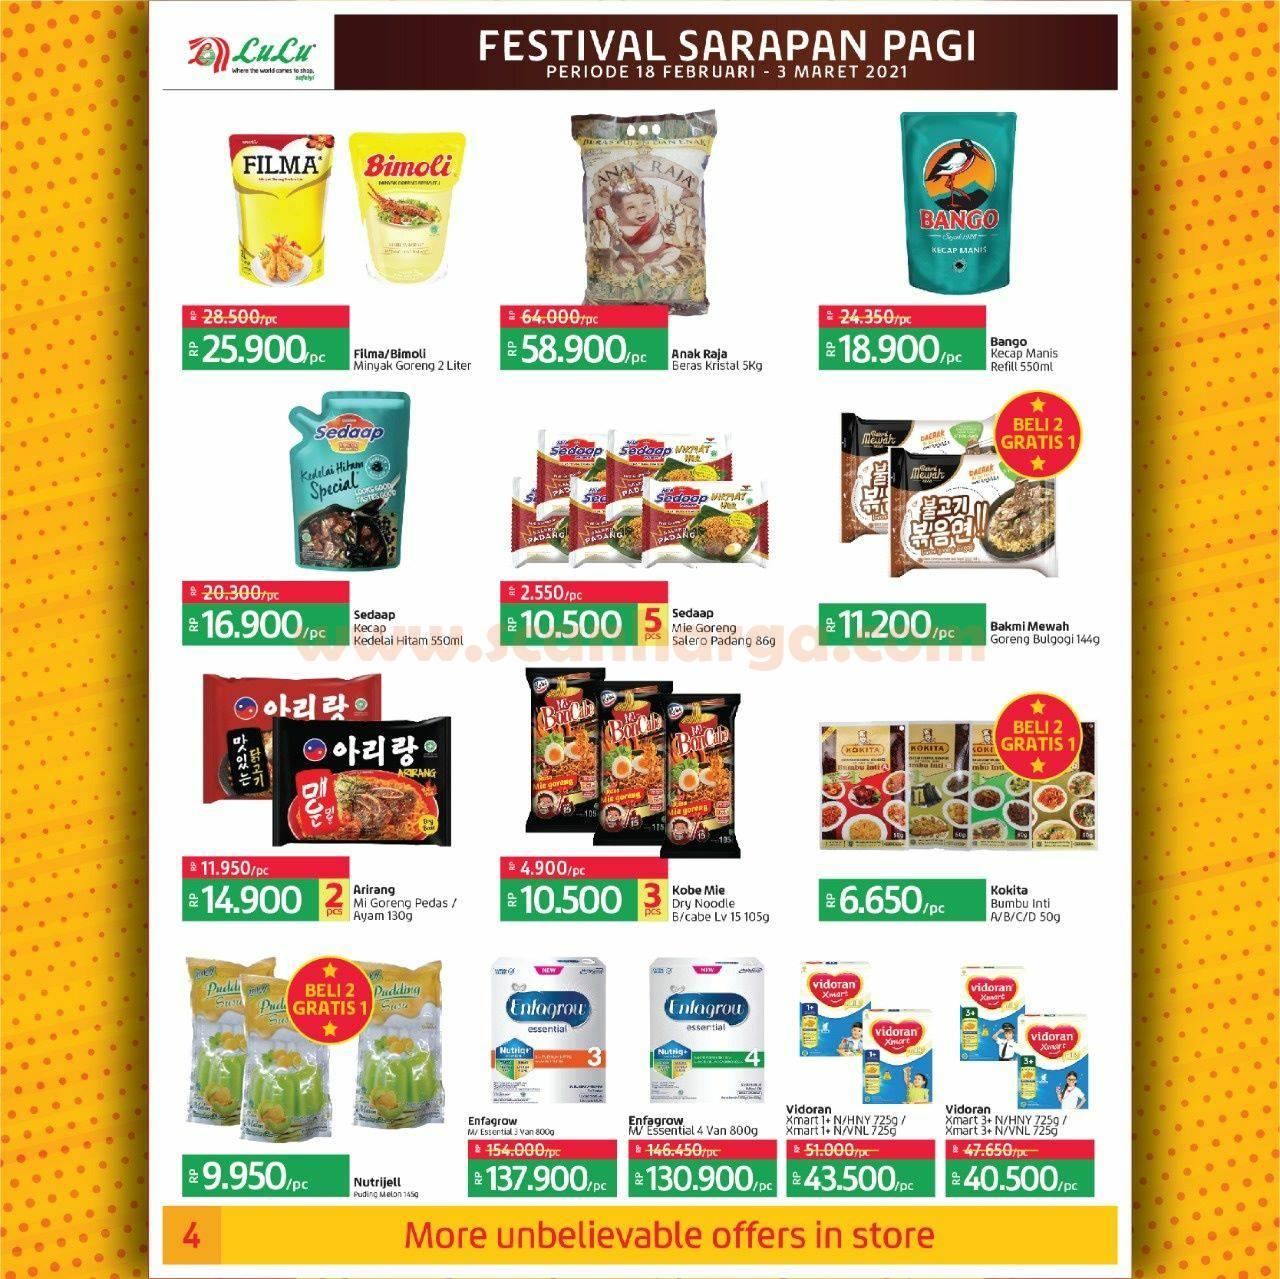 Katalog Promo LULU Supermarket 18 Februari - 3 Maret 2021 4